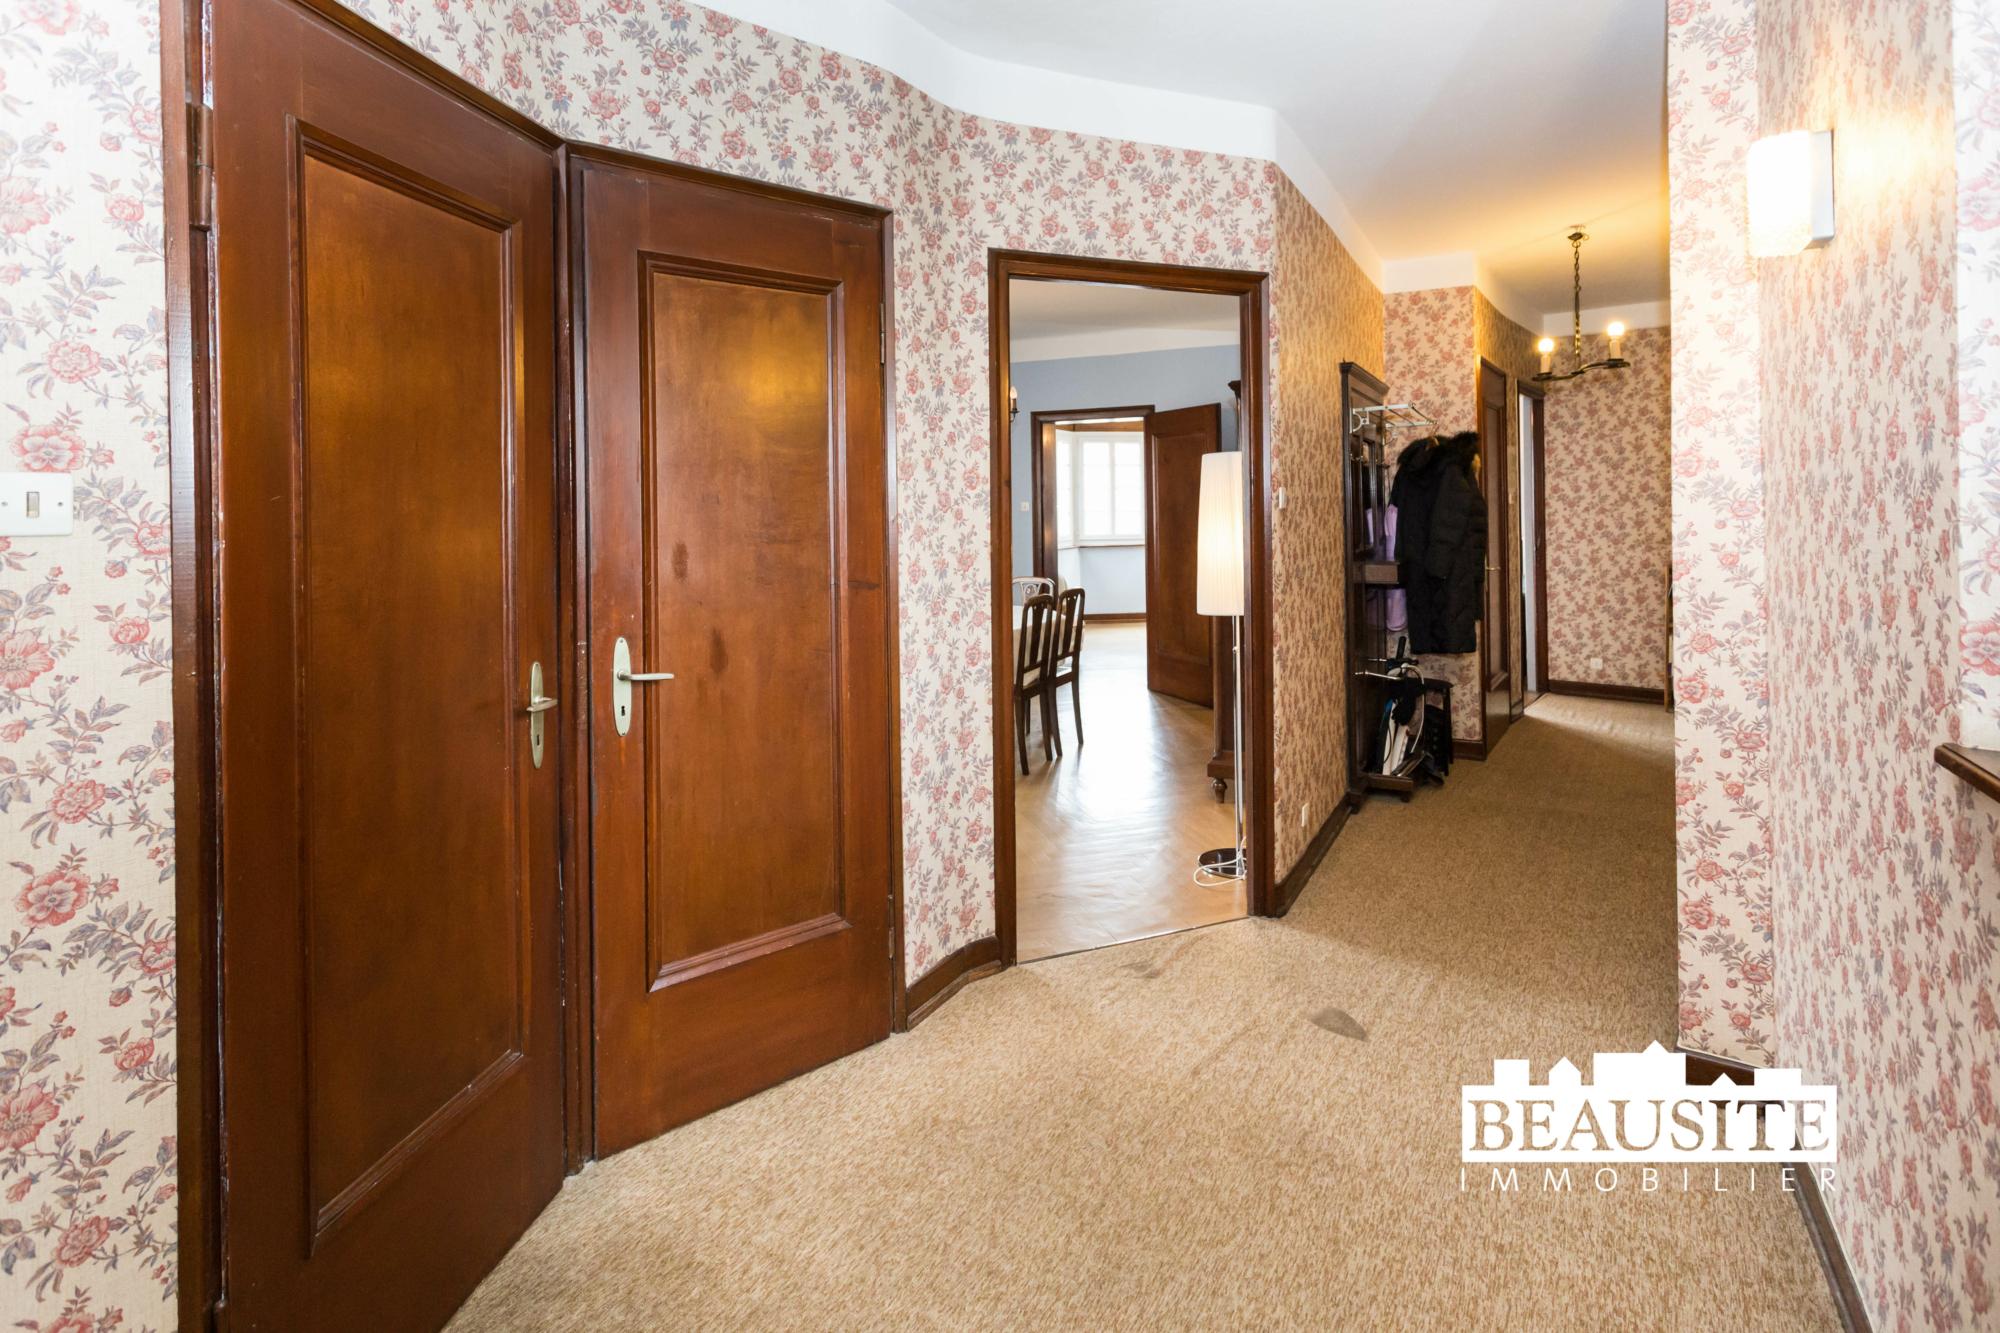 [Paquebot] Accostez dans un appartement à la vue sur la Cathédrale - Halles / rue de Bouxwiller - nos ventes - Beausite Immobilier 10